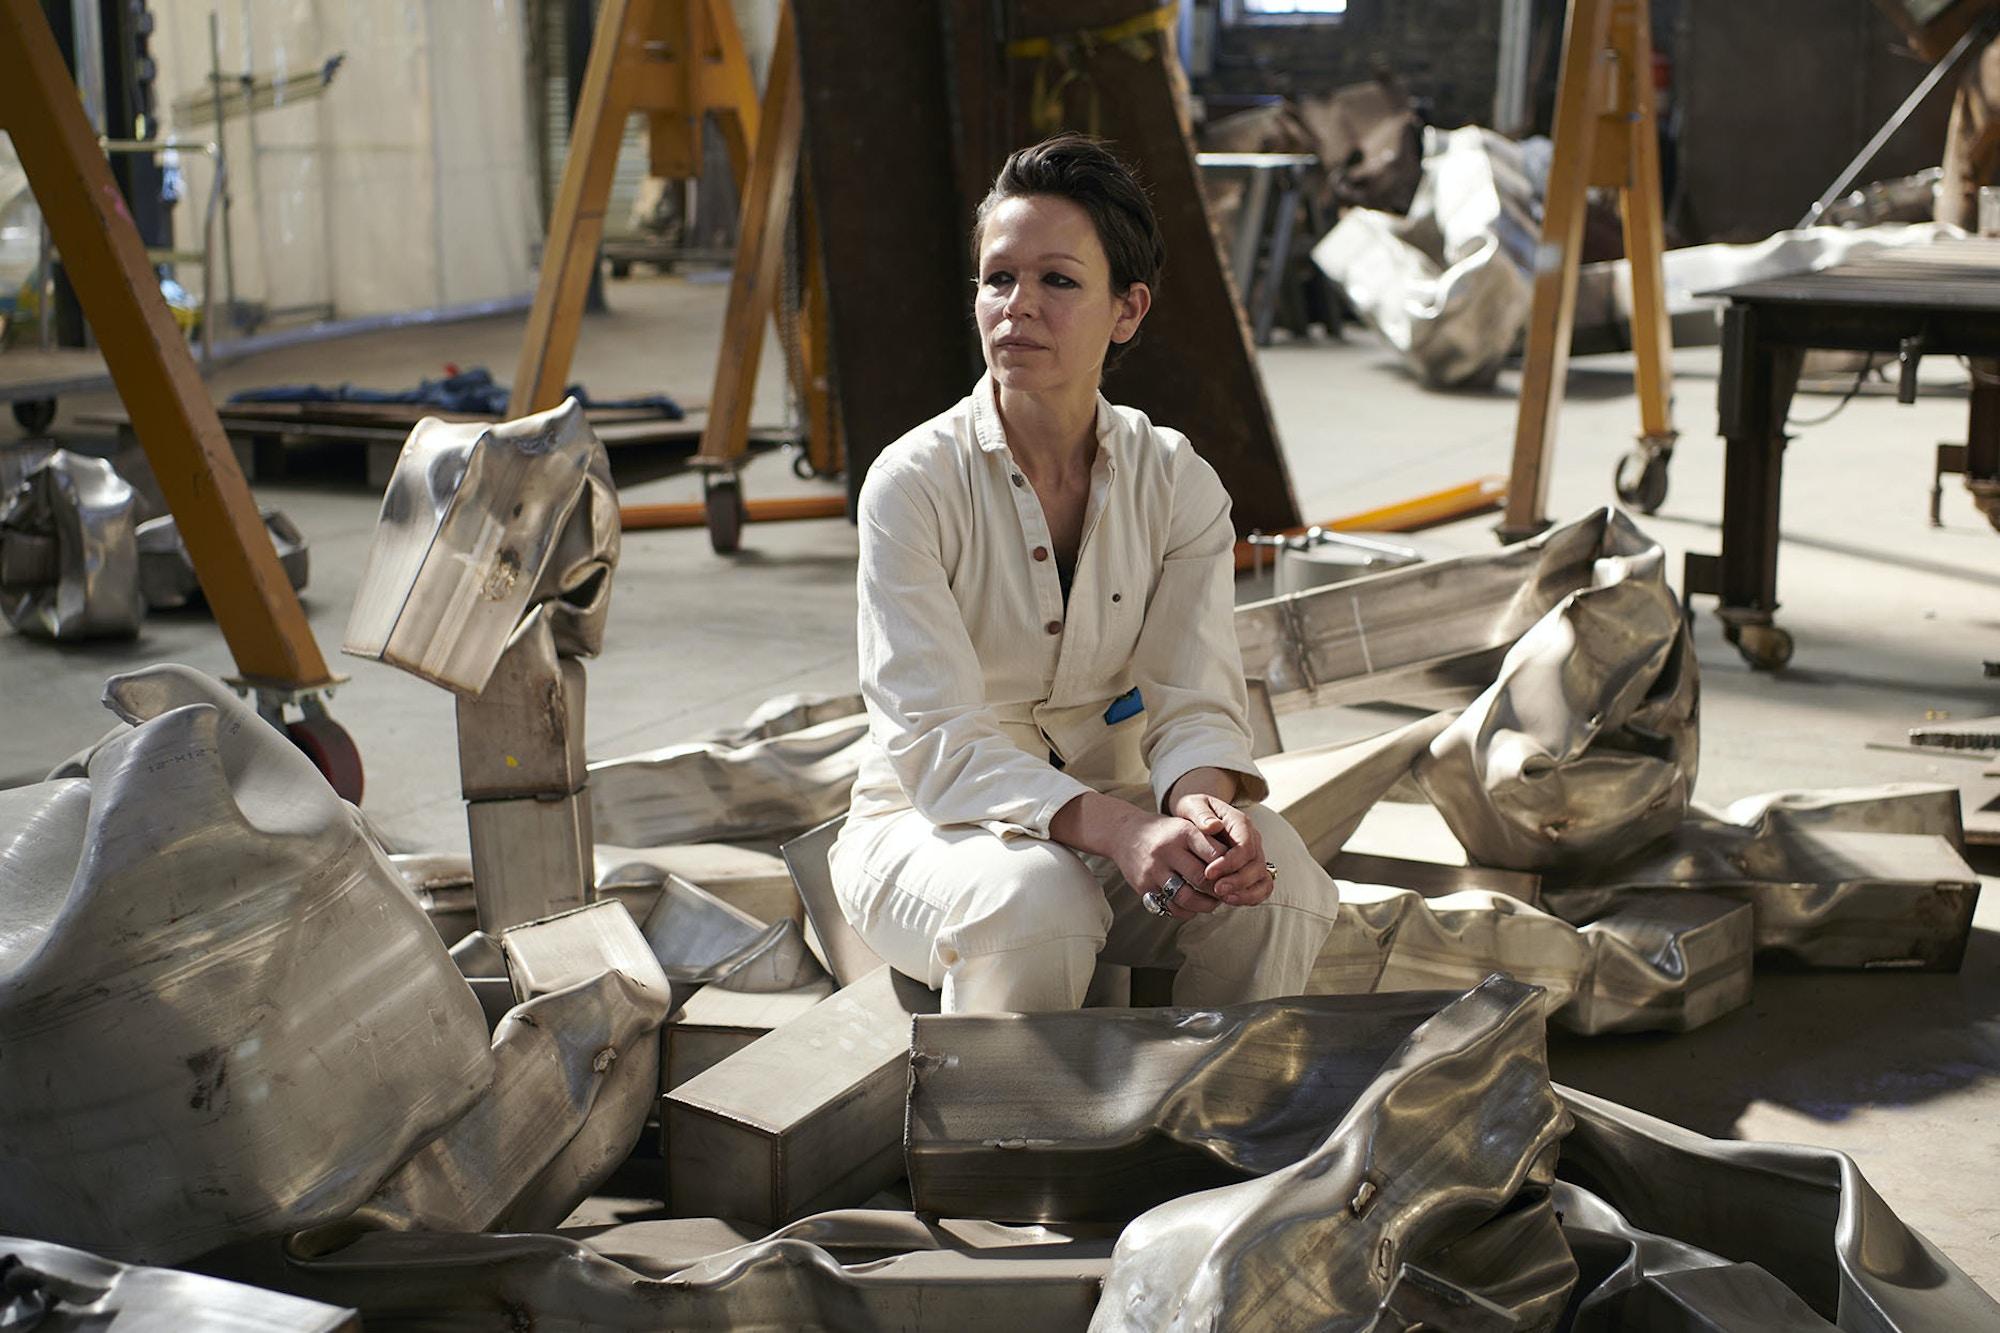 Carol Bove portrett. Bove sitter i verksteded sitt omgitt av bente jernmaterialer.